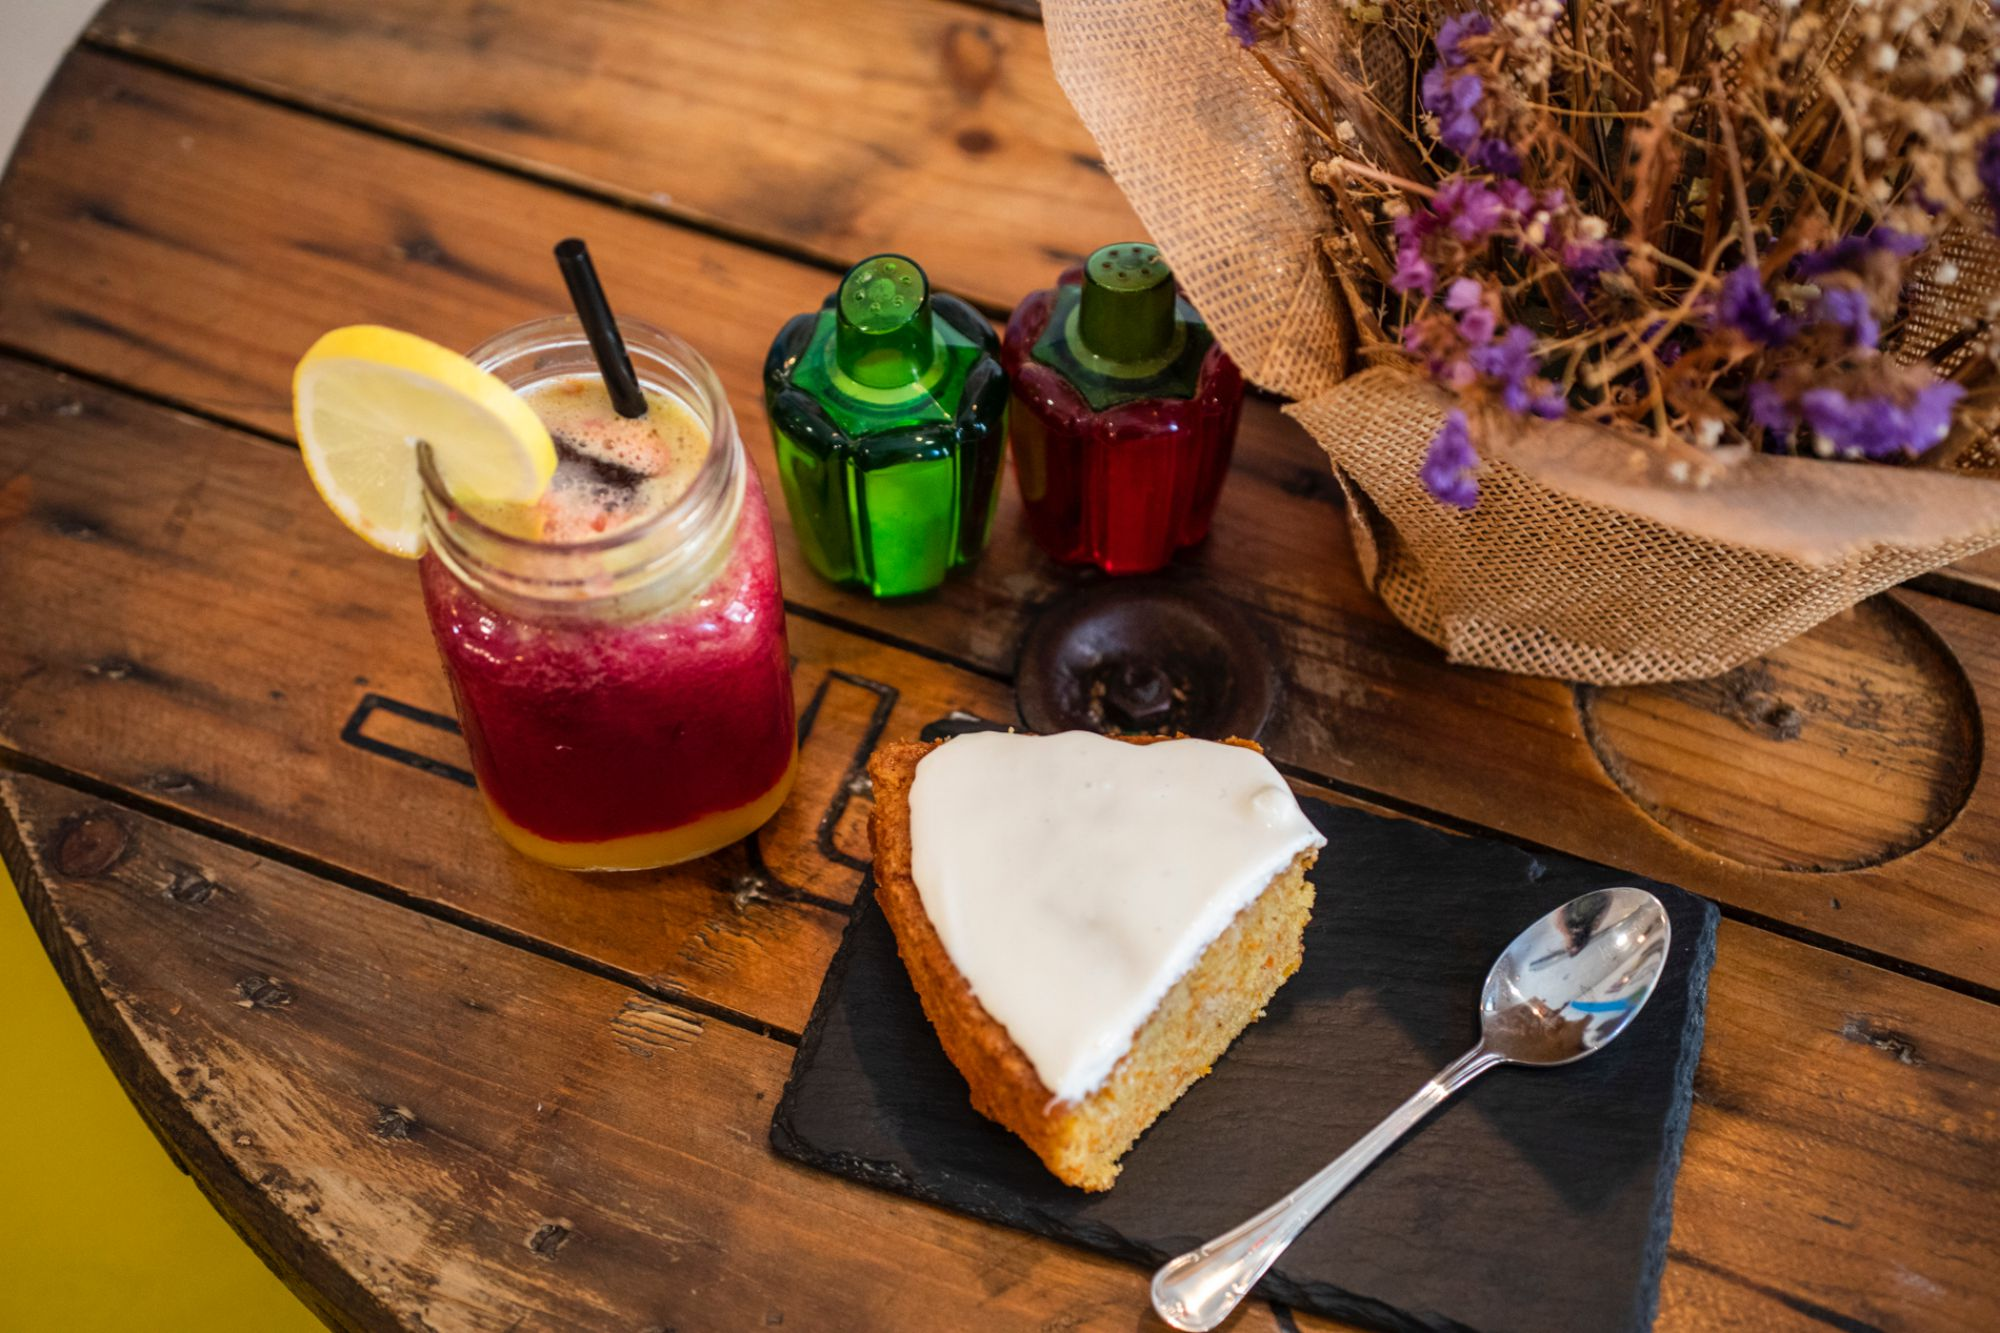 La tarta de zanahoria y el zumo Arco Iris dibujarán una sonrisa mañanera en tu cara.